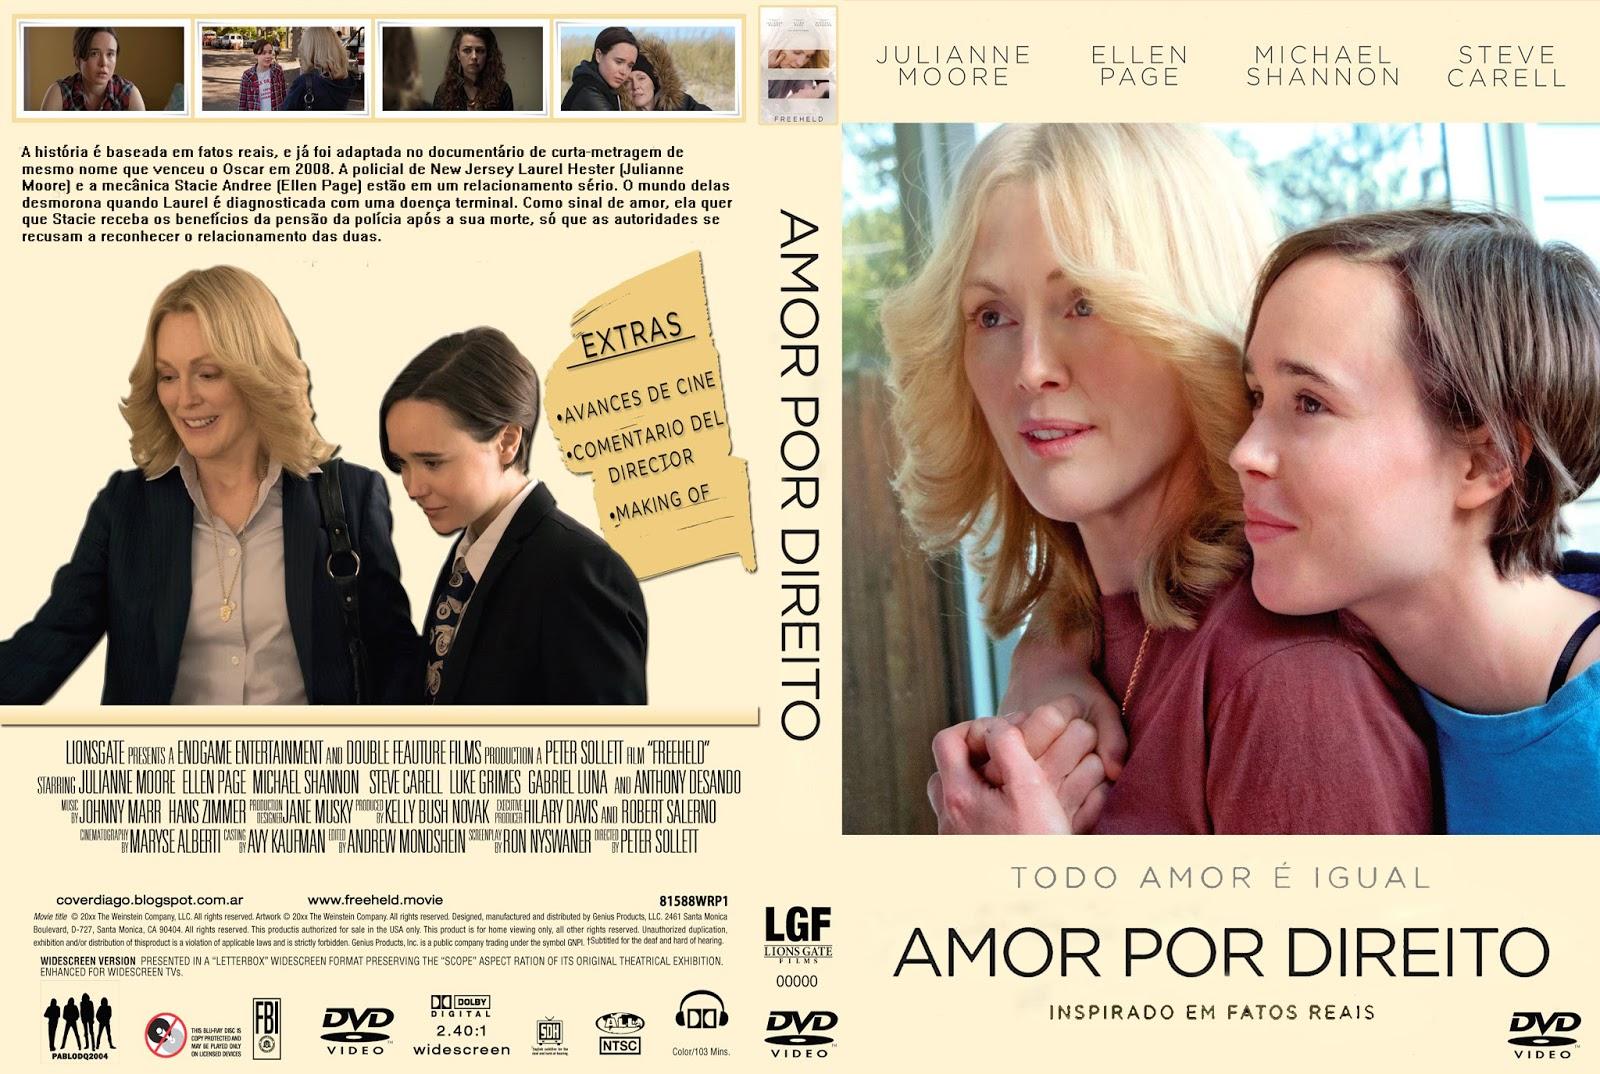 Amor Por Direito BDRip Dual Áudio Amor 2BPor 2BDireito 2B  2BCapa 2BFilme 2BDVD